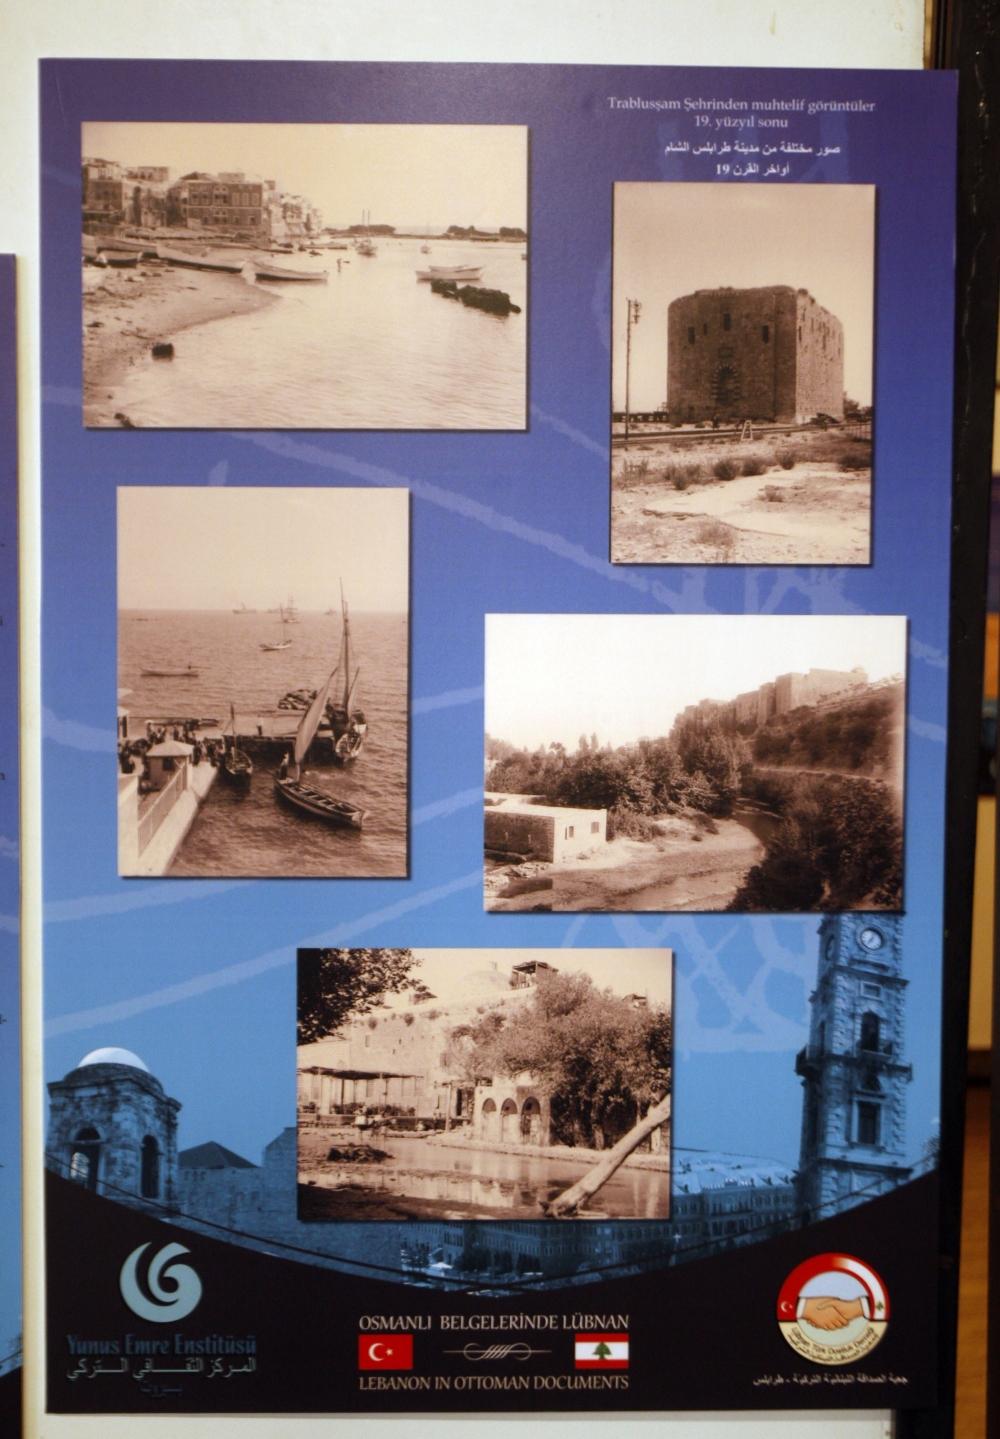 Osmanlı belgeleri Beyrut'ta sergileniyor 1